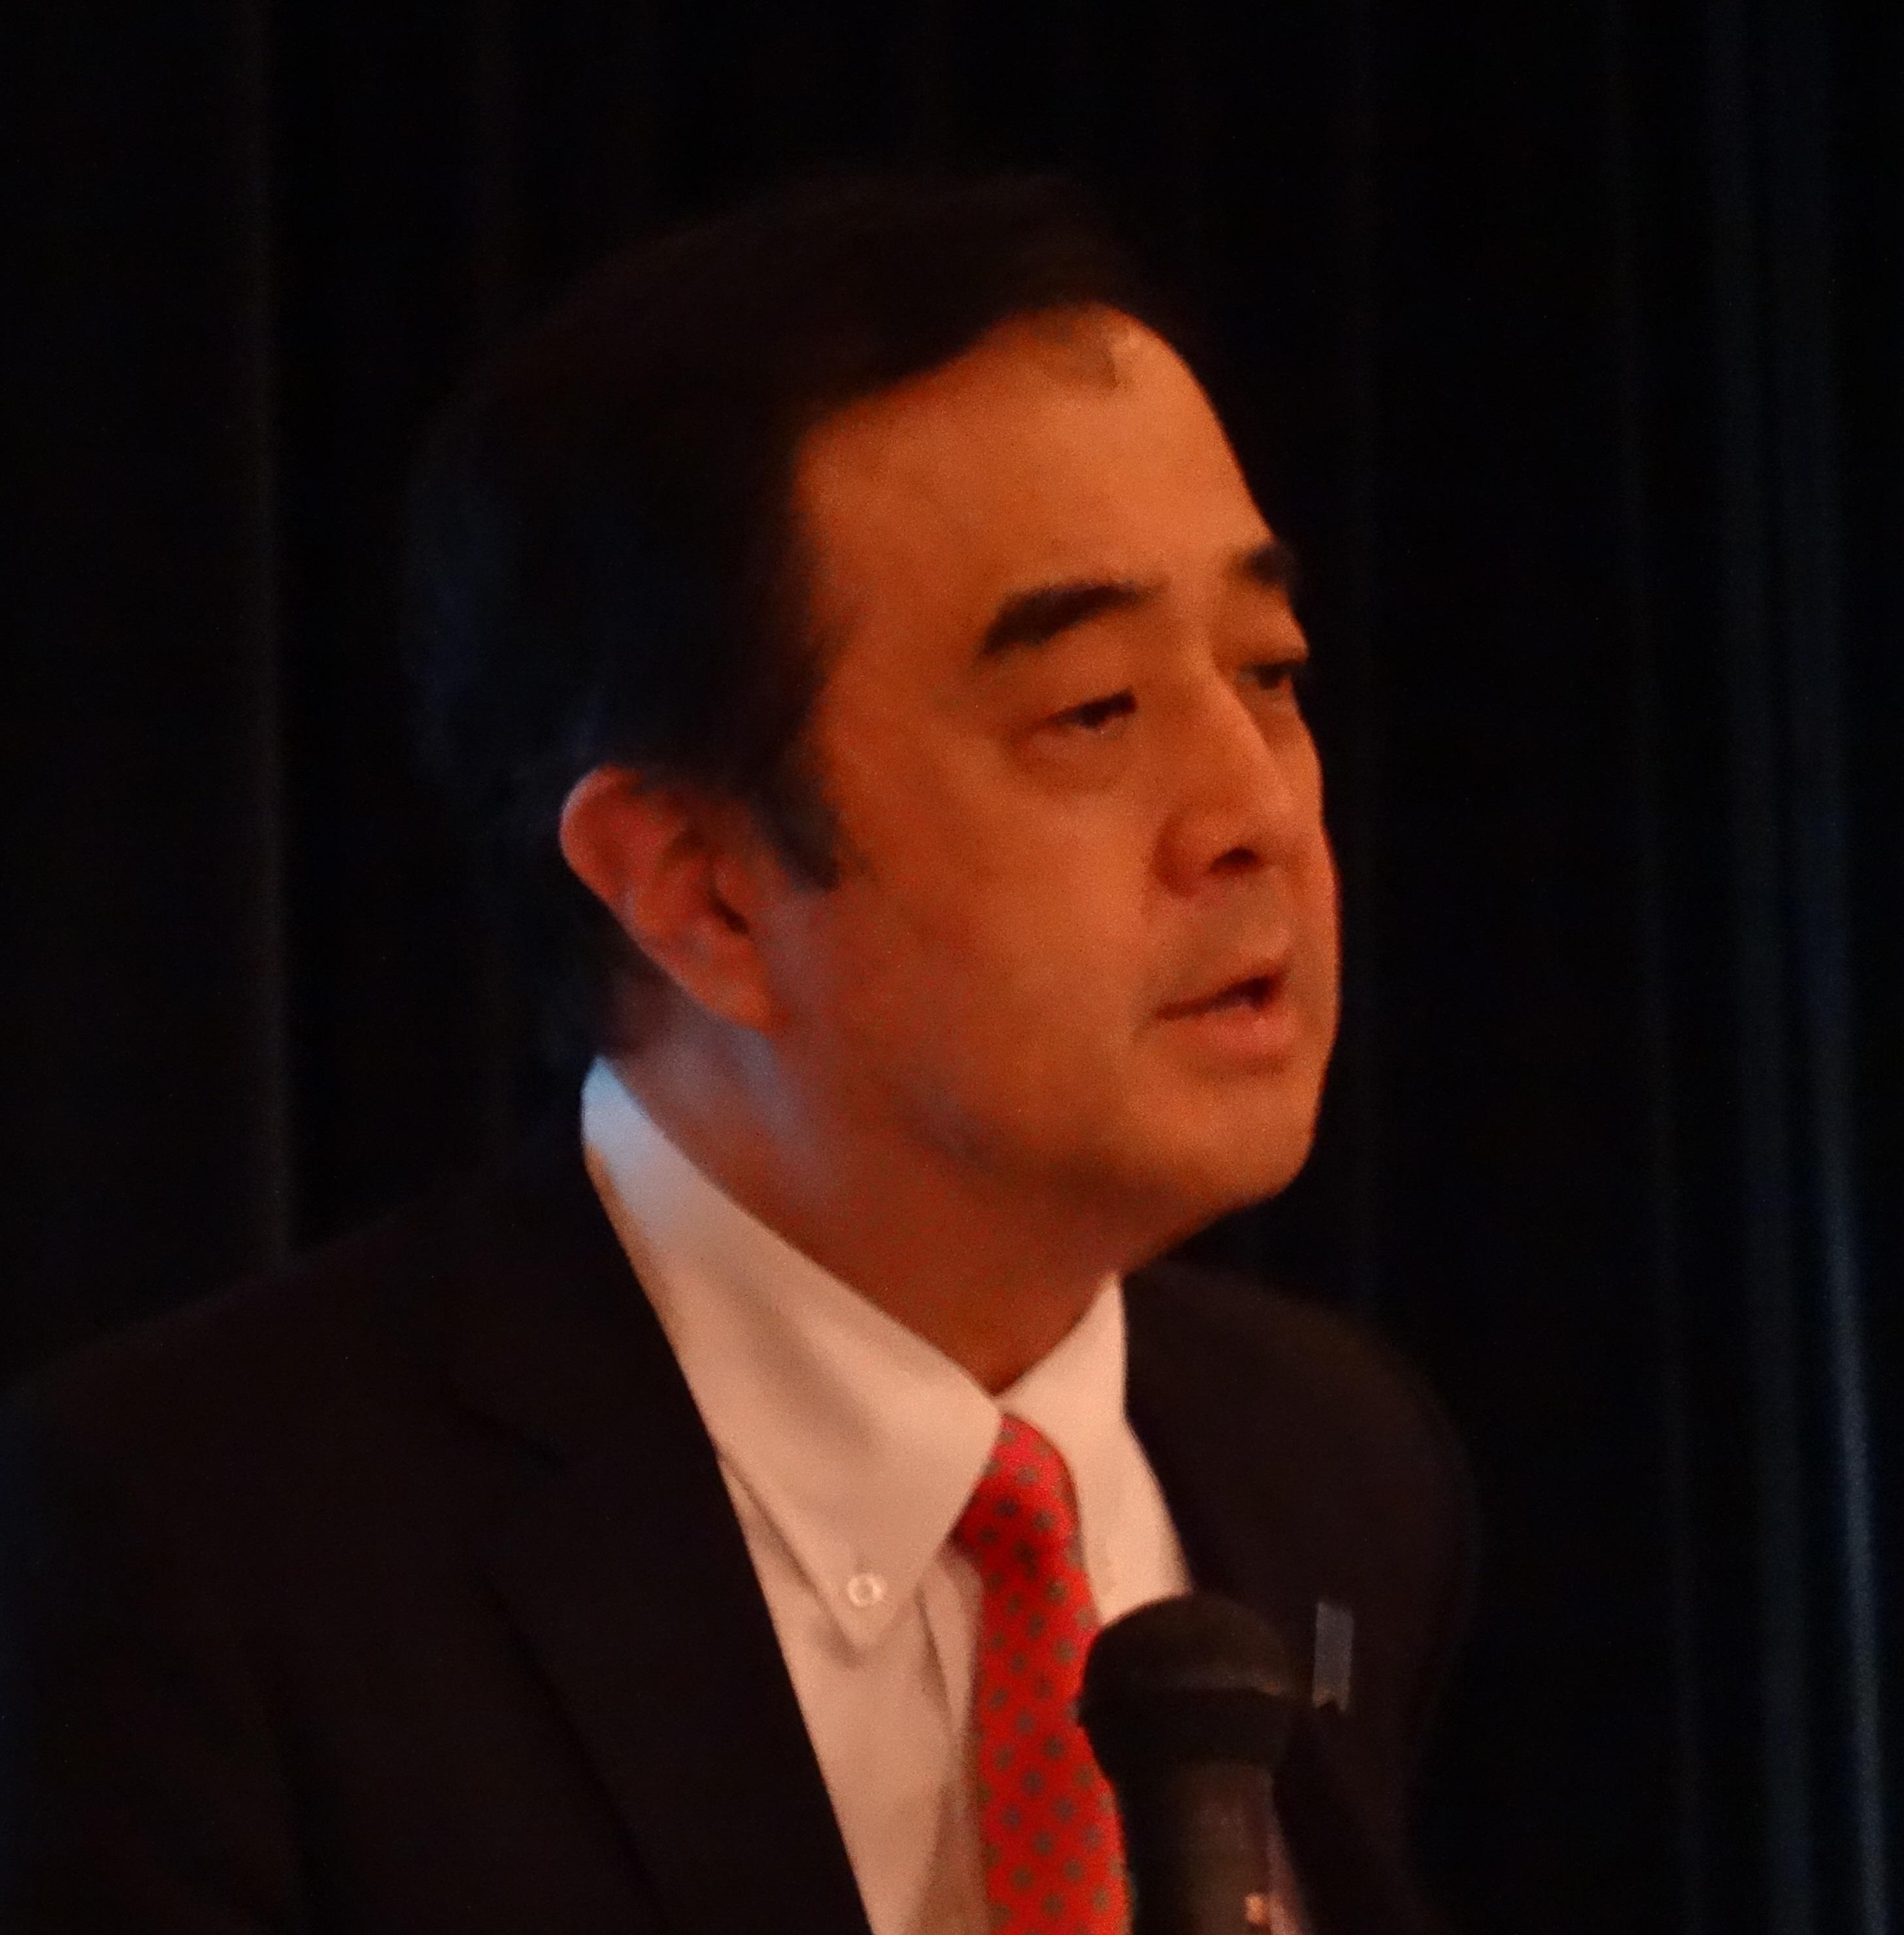 2016/9/8 宮家邦彦先生の講演を聴いてきました